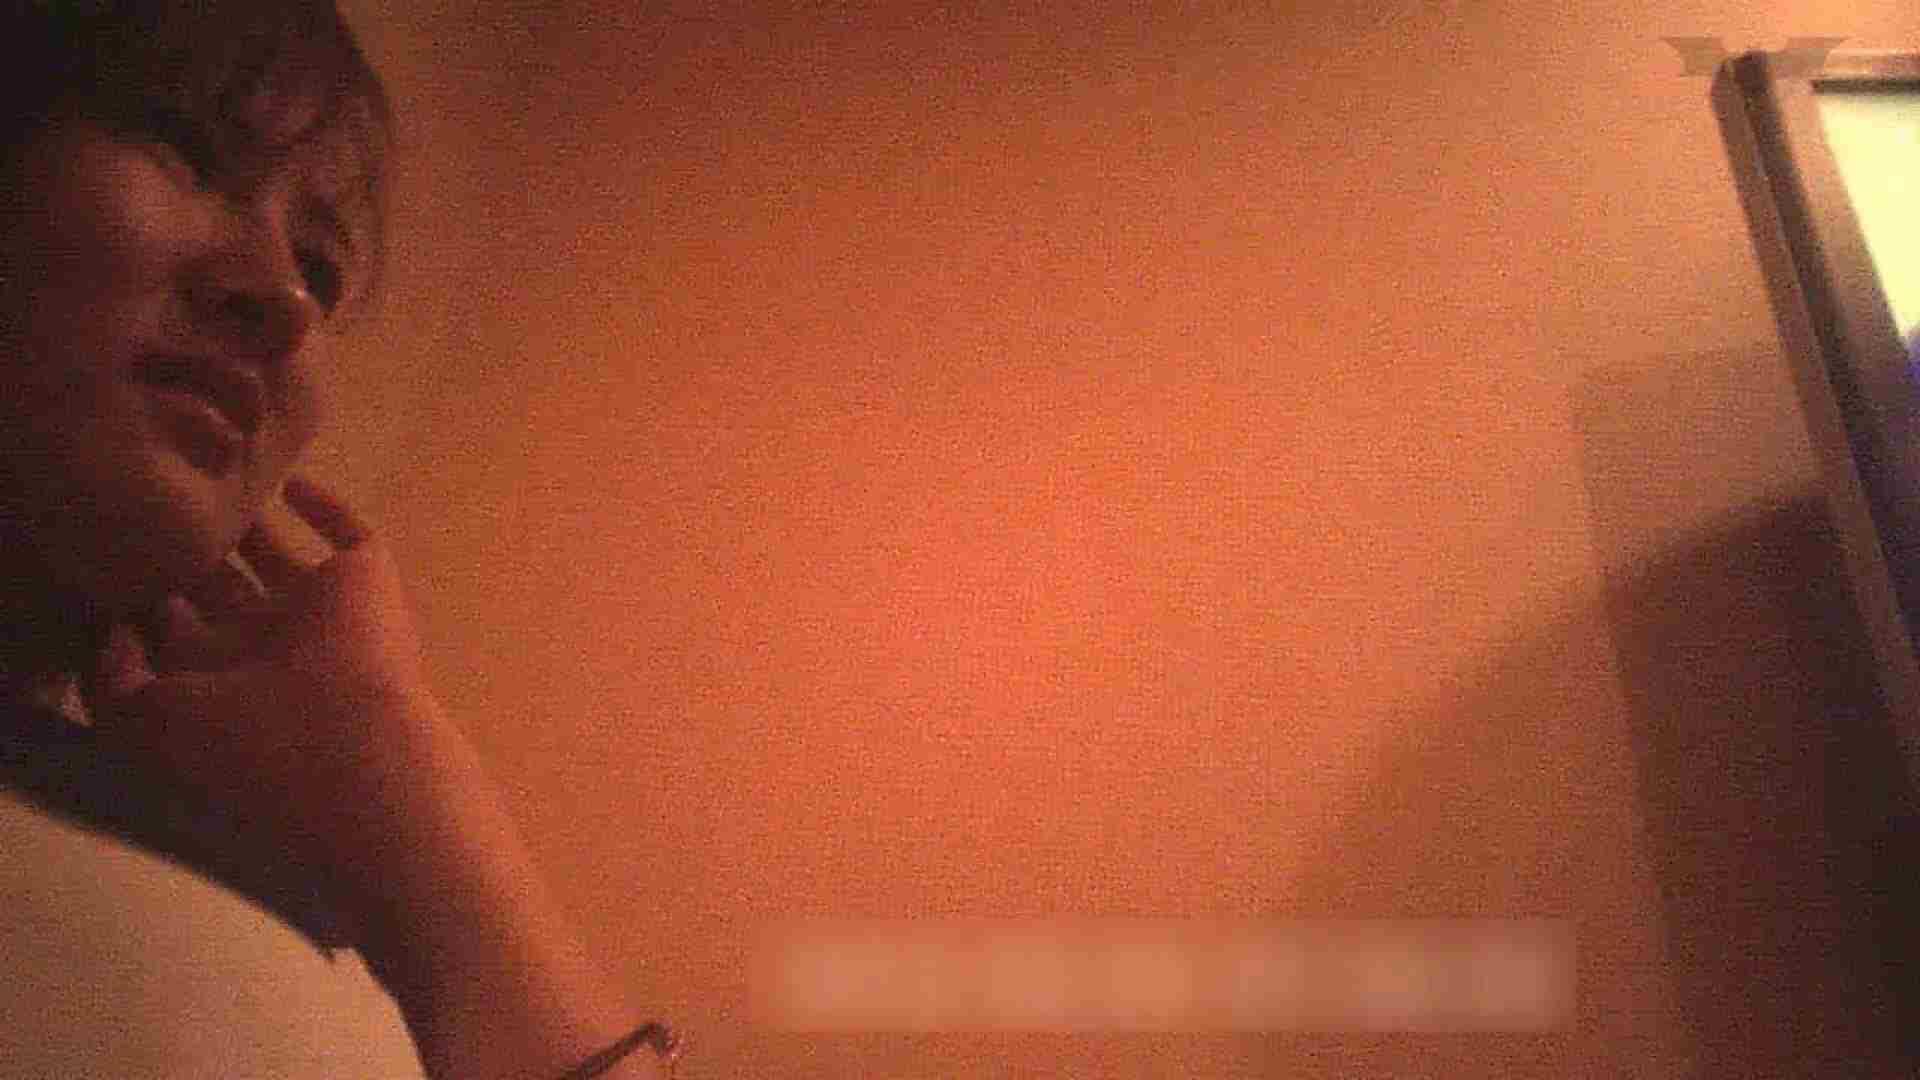 デビュー直前まみちゃん!もうすぐJDゆいちゃん!Vol.37 脱衣2人詰合せ 高画質 おまんこ無修正動画無料 77枚 62